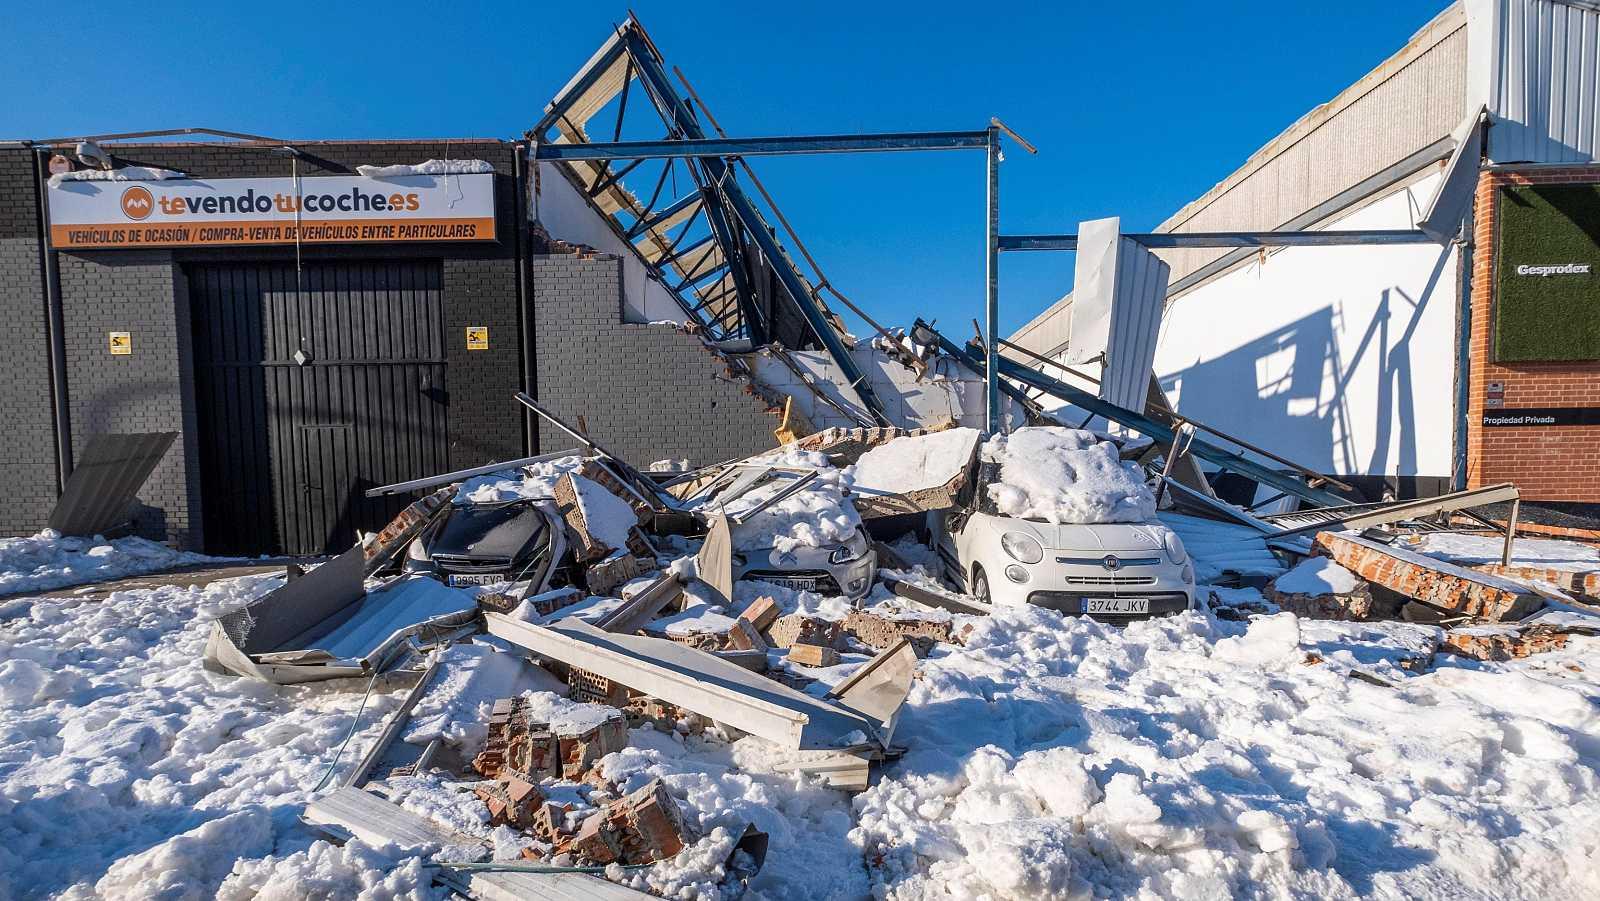 La nieve ha provocado el derrumbe de varias naves en el polígono industrial Cobo Calleja